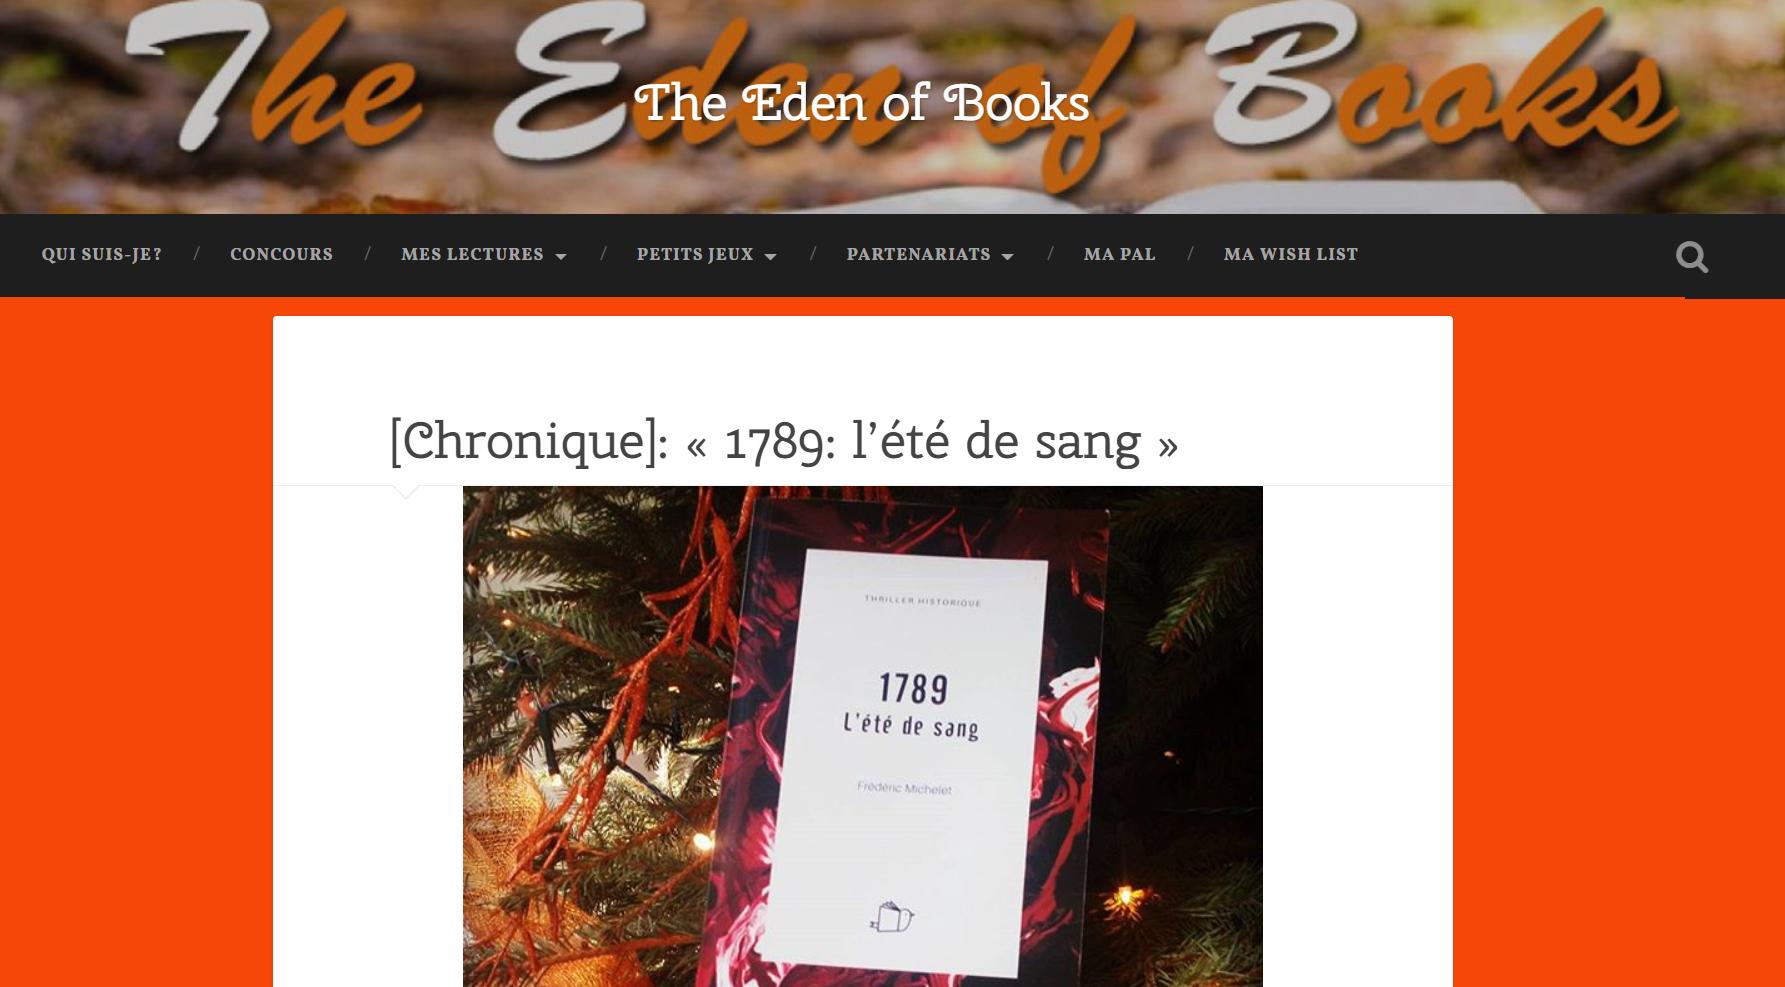 The Eden of Books : 1789, l'été de sang